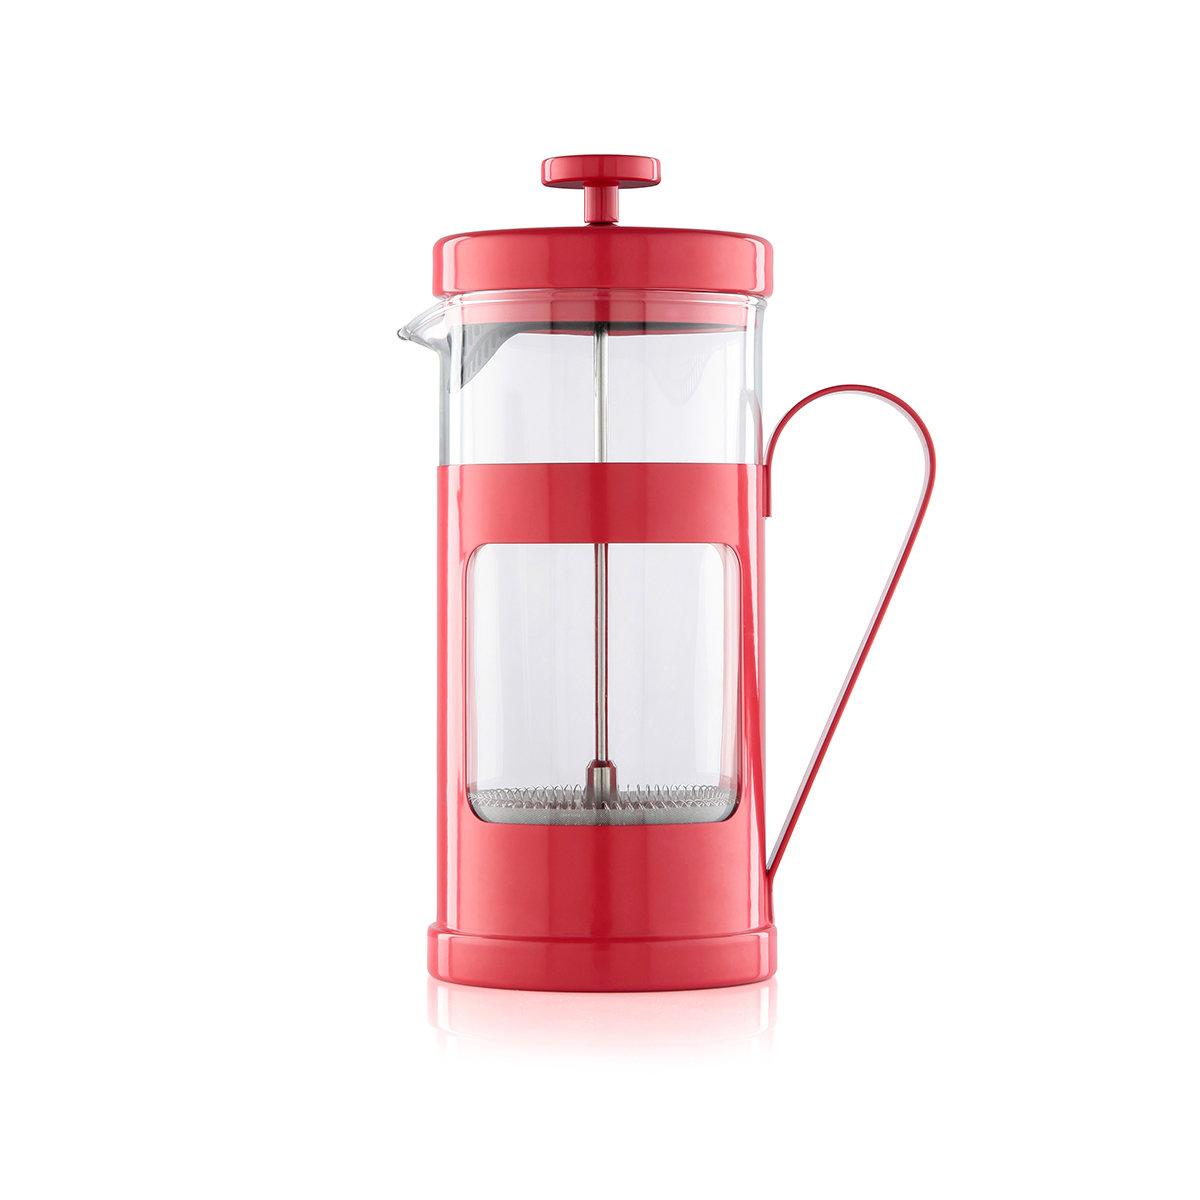 Френч-пресс LA CAFETIERE MONACO красный